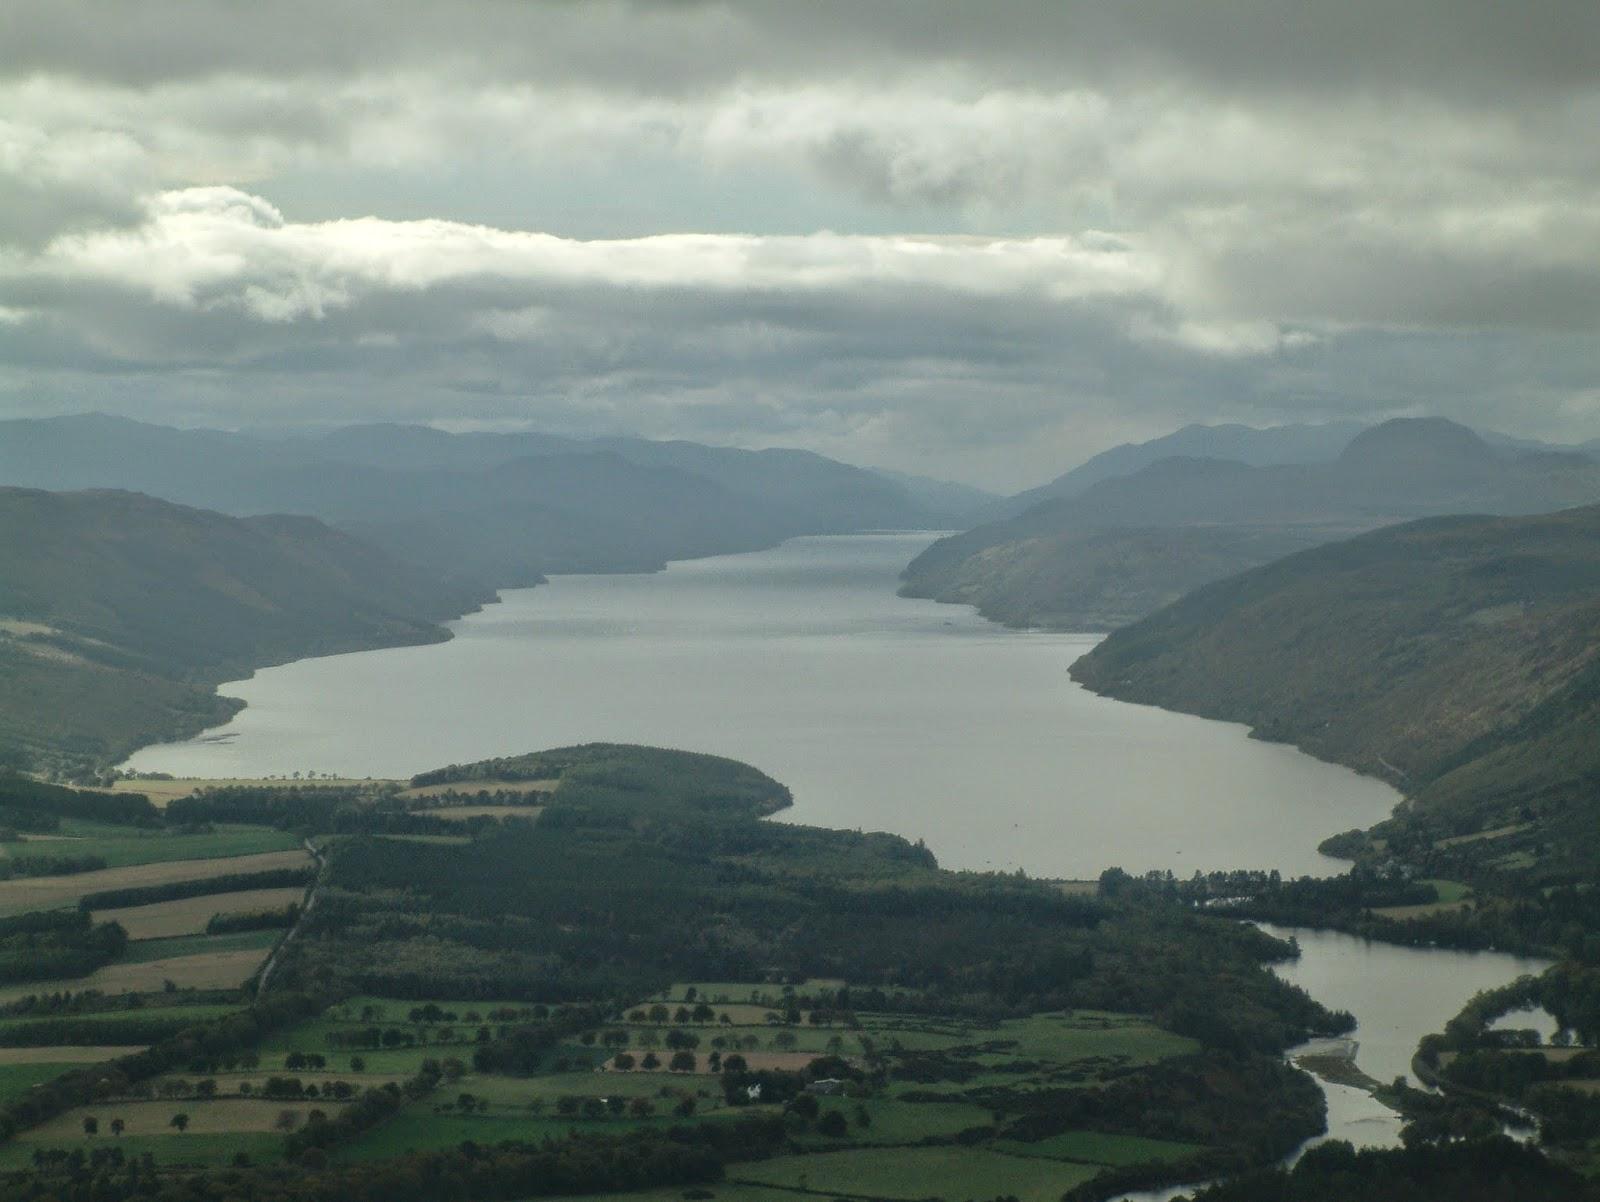 Loch Ness Monster New Loch Ness Tourism Website Up